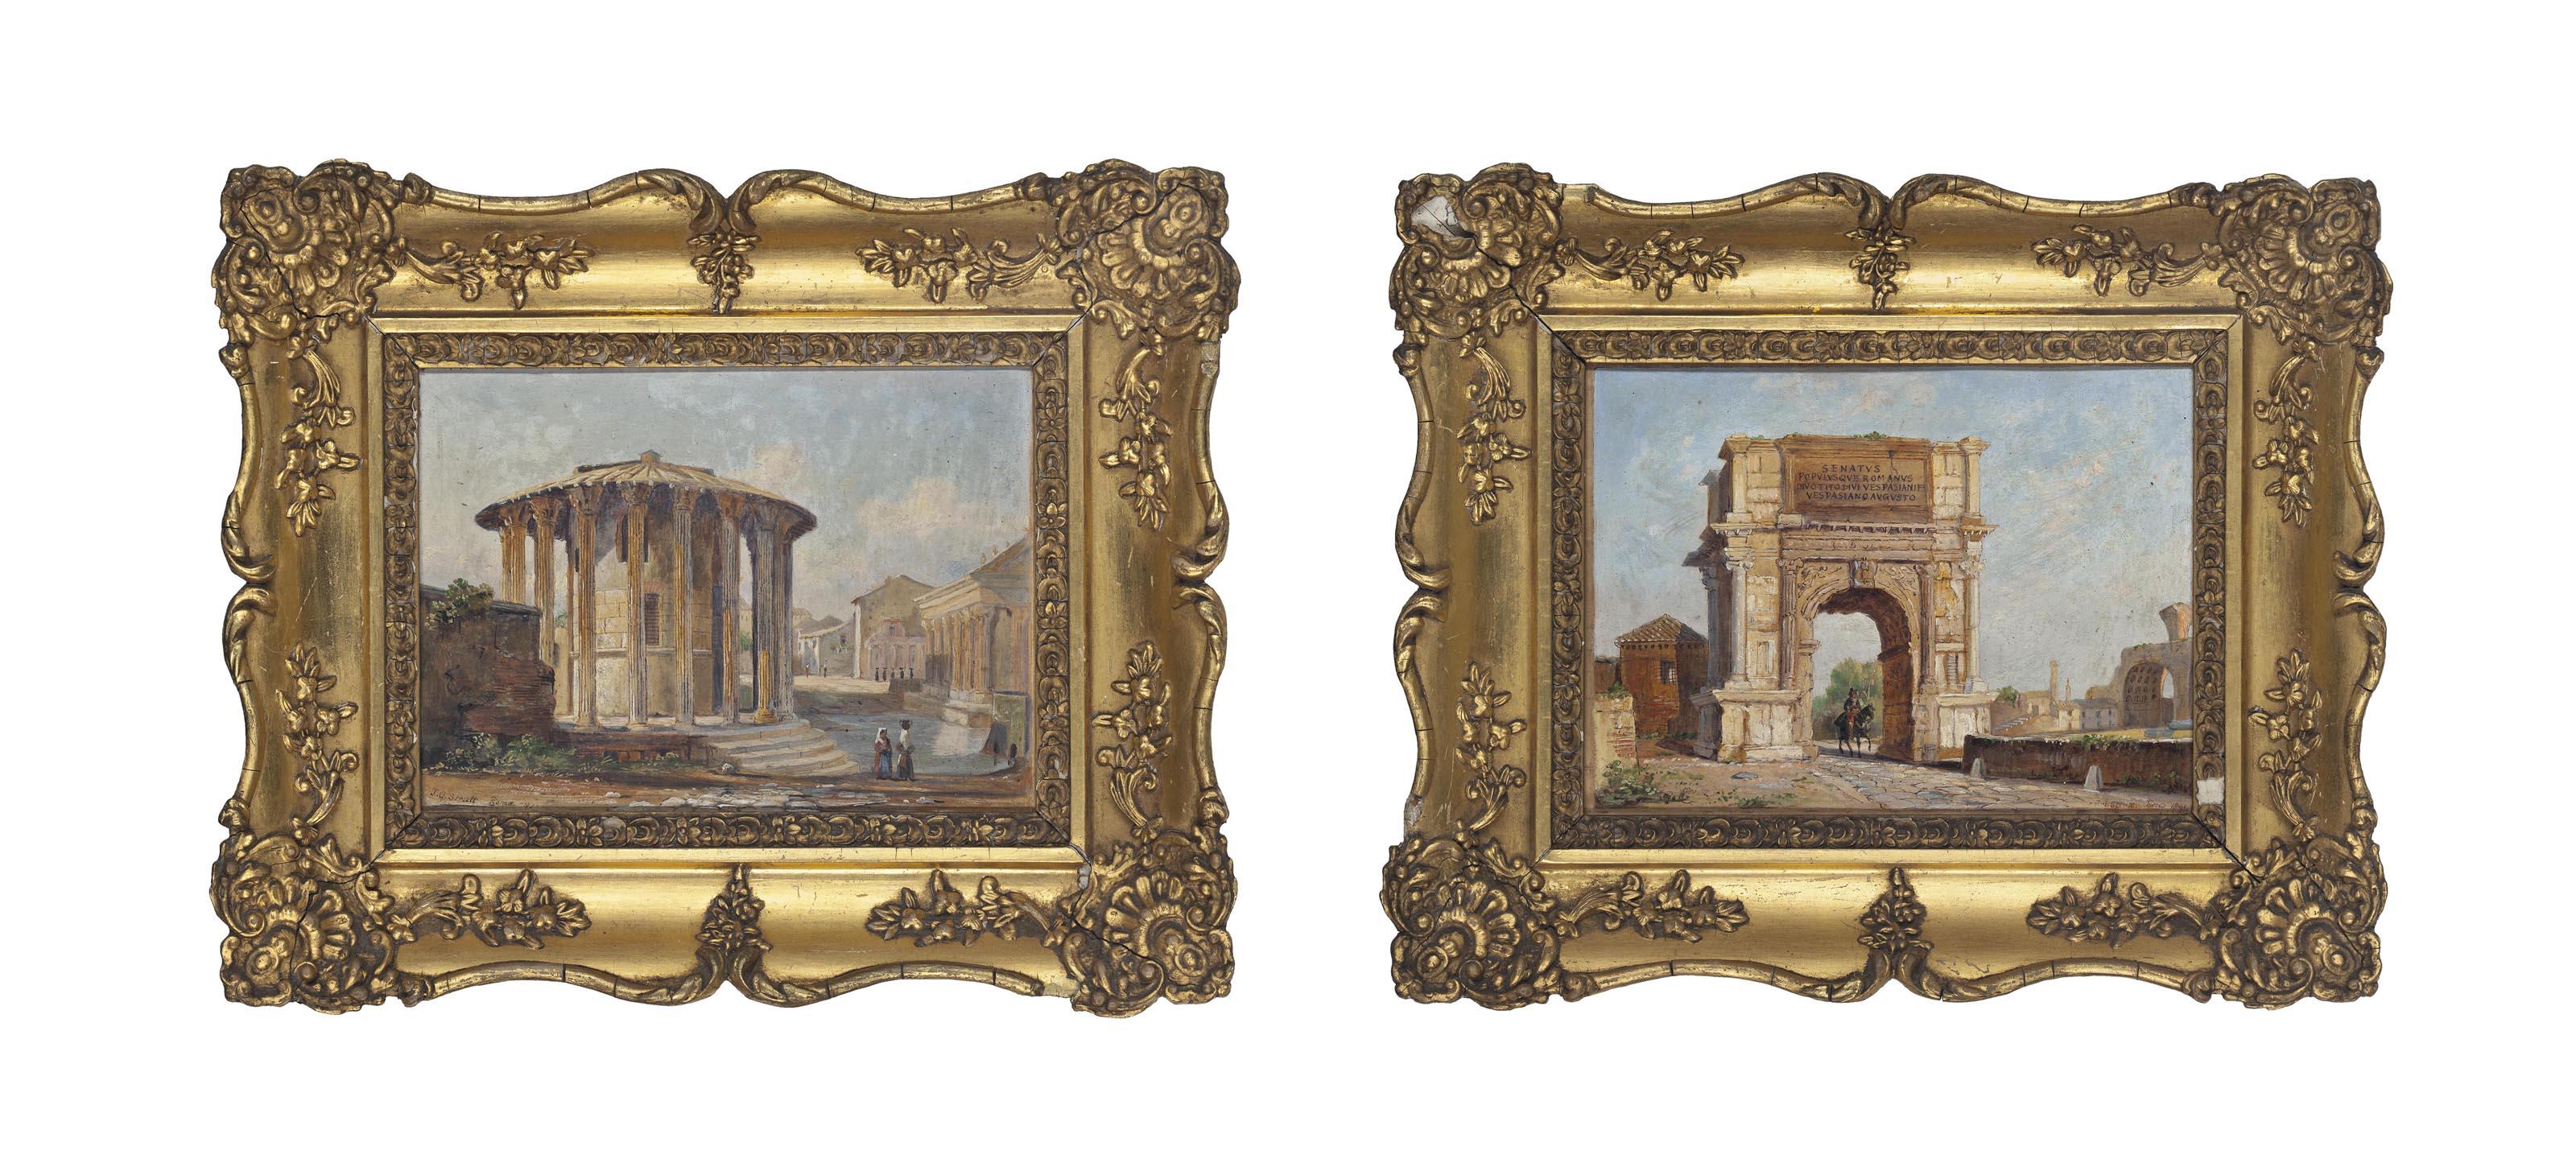 Jacob George Strutt (? 1790-18